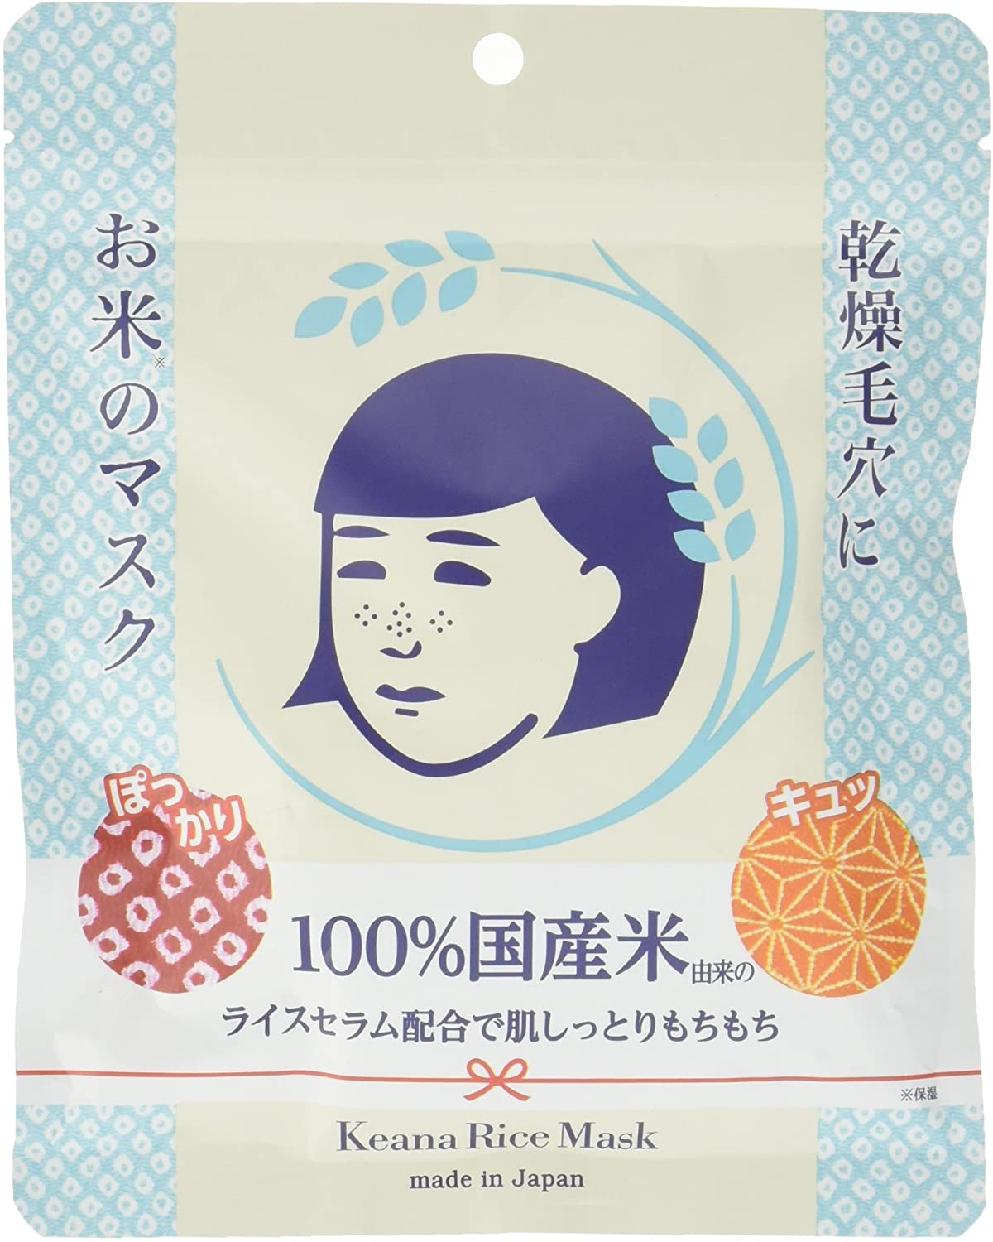 毛穴撫子(ケアナナデシコ) お米のマスク <シートマスク>を使ったmaakiさんのクチコミ画像1